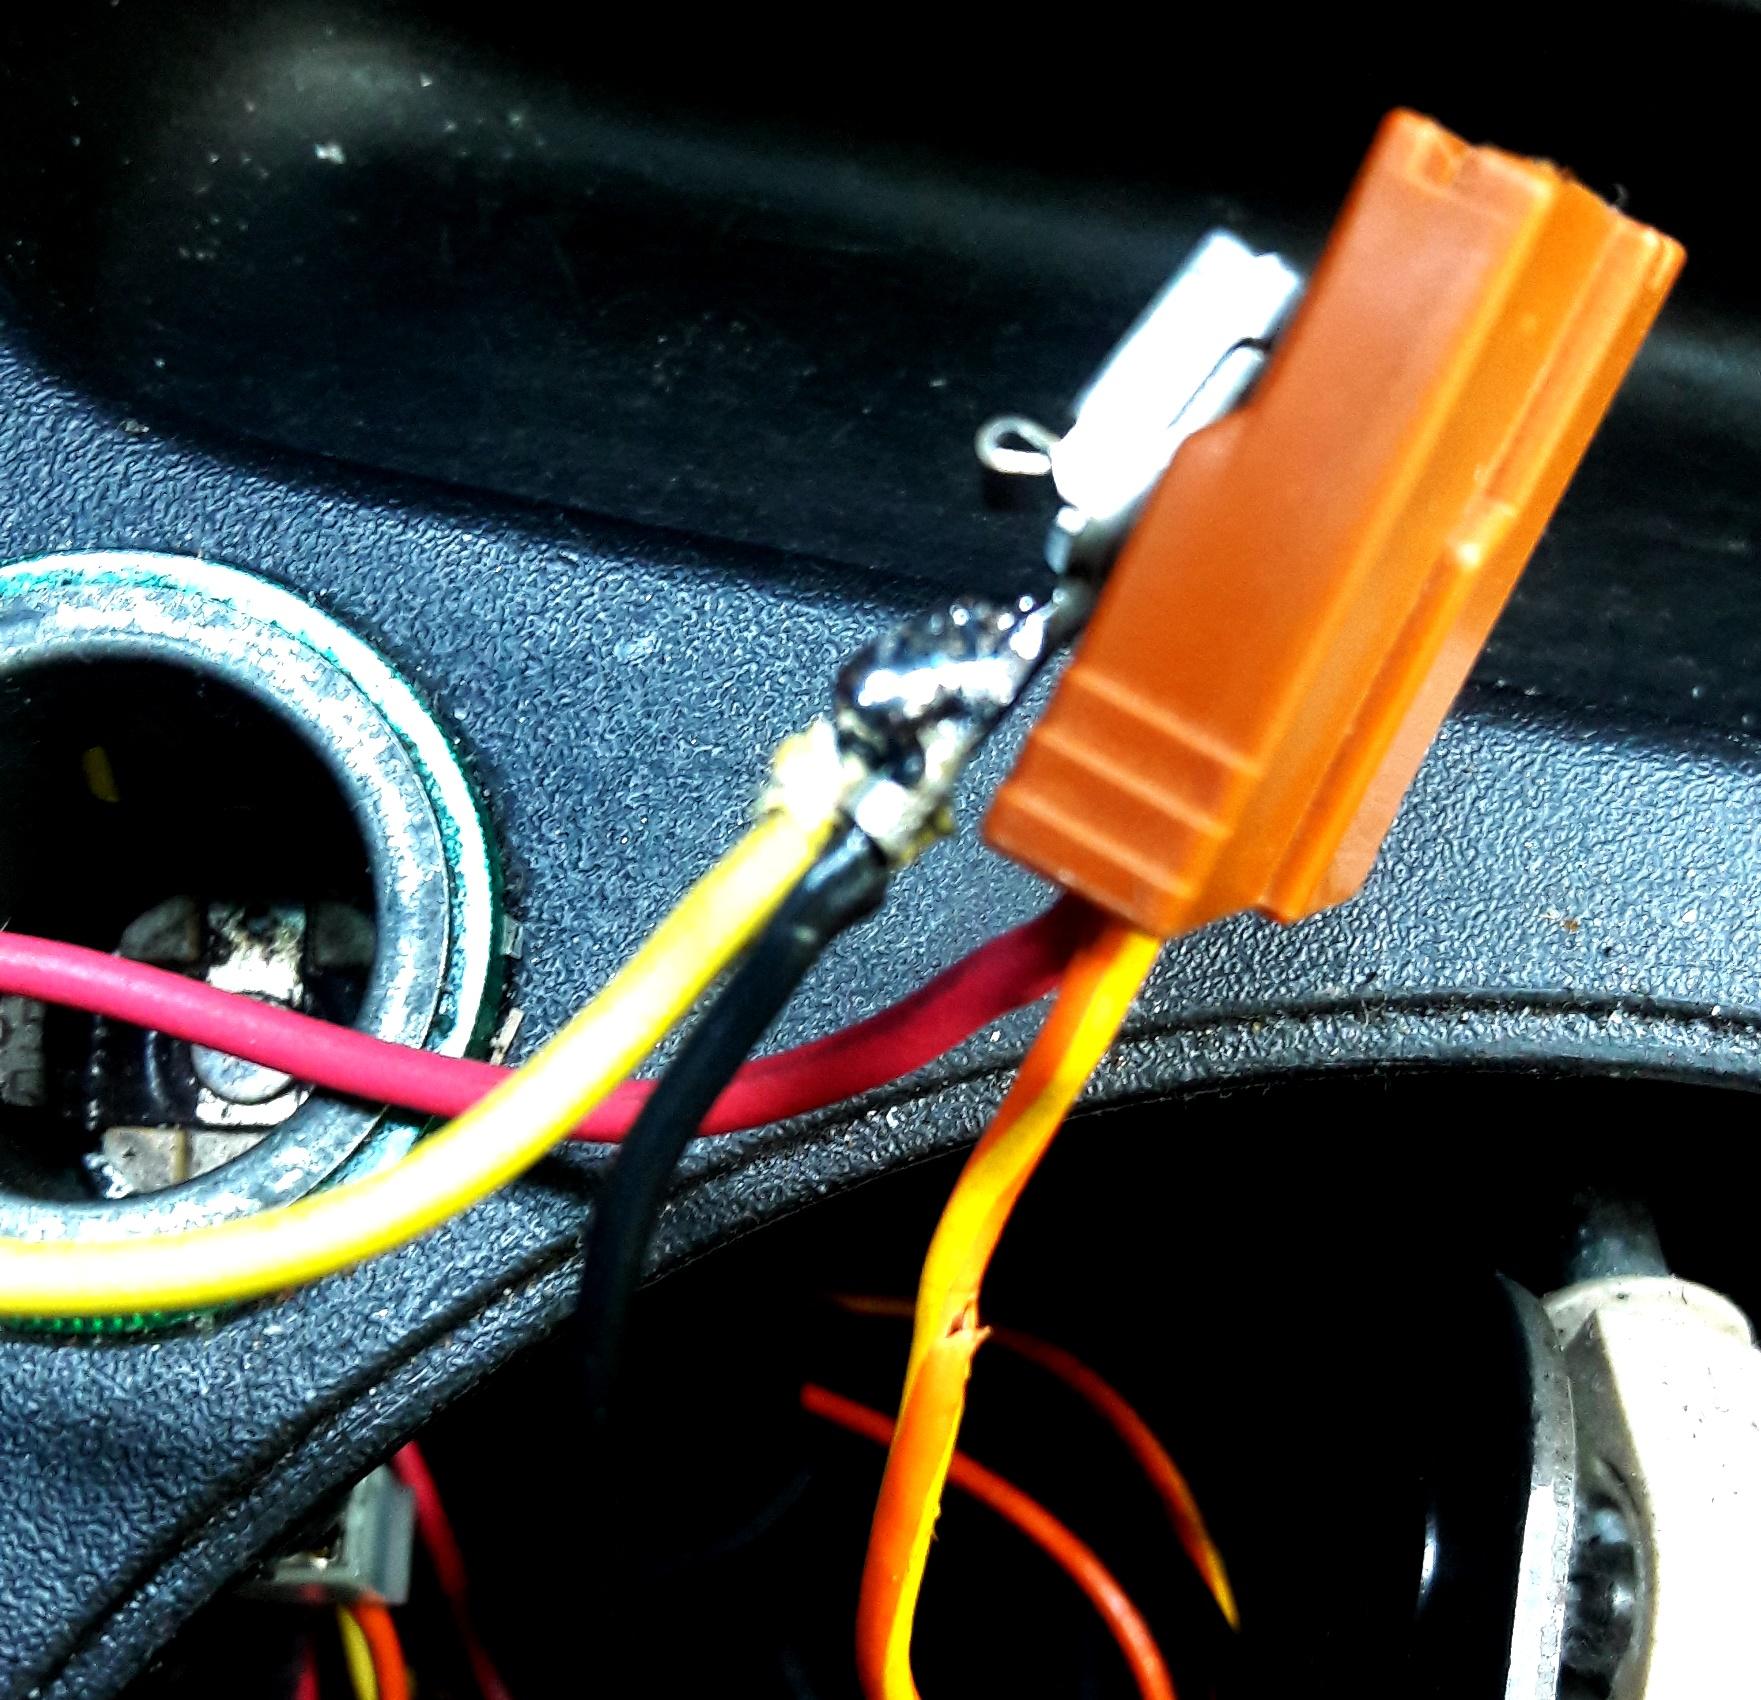 Instalação de USB no Painel XkwEREDE